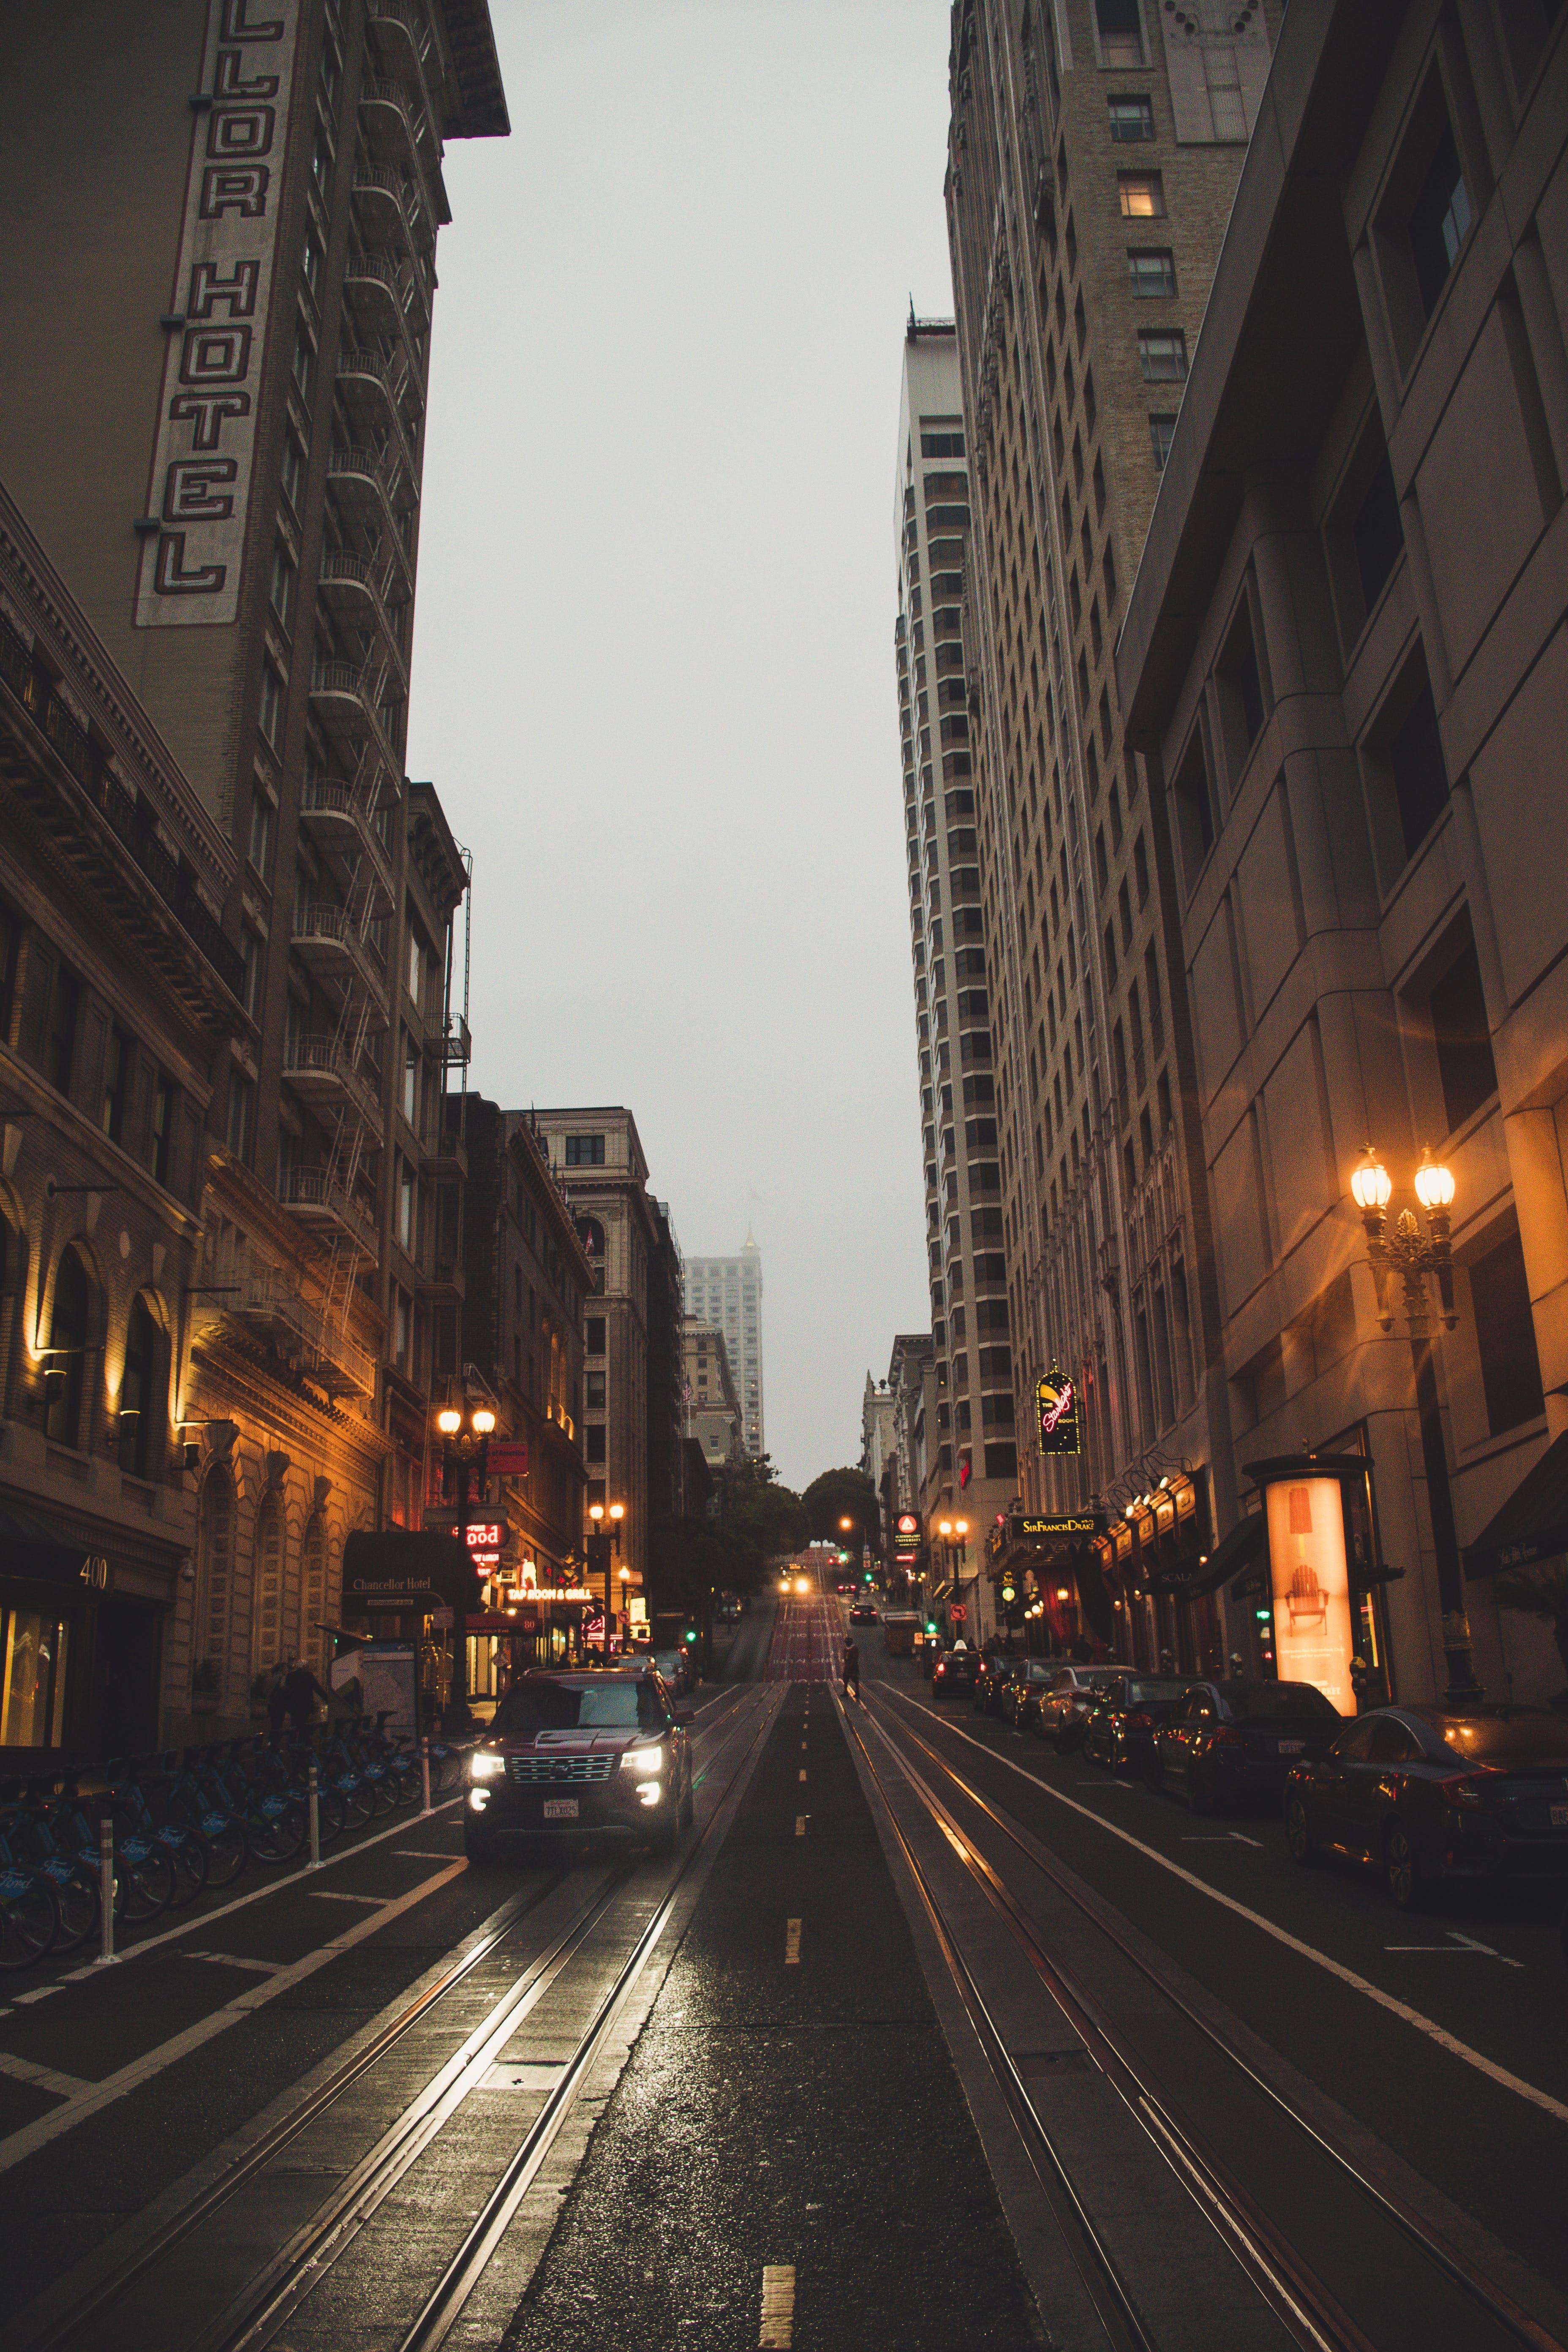 автомобілі, архітектура, будівлі